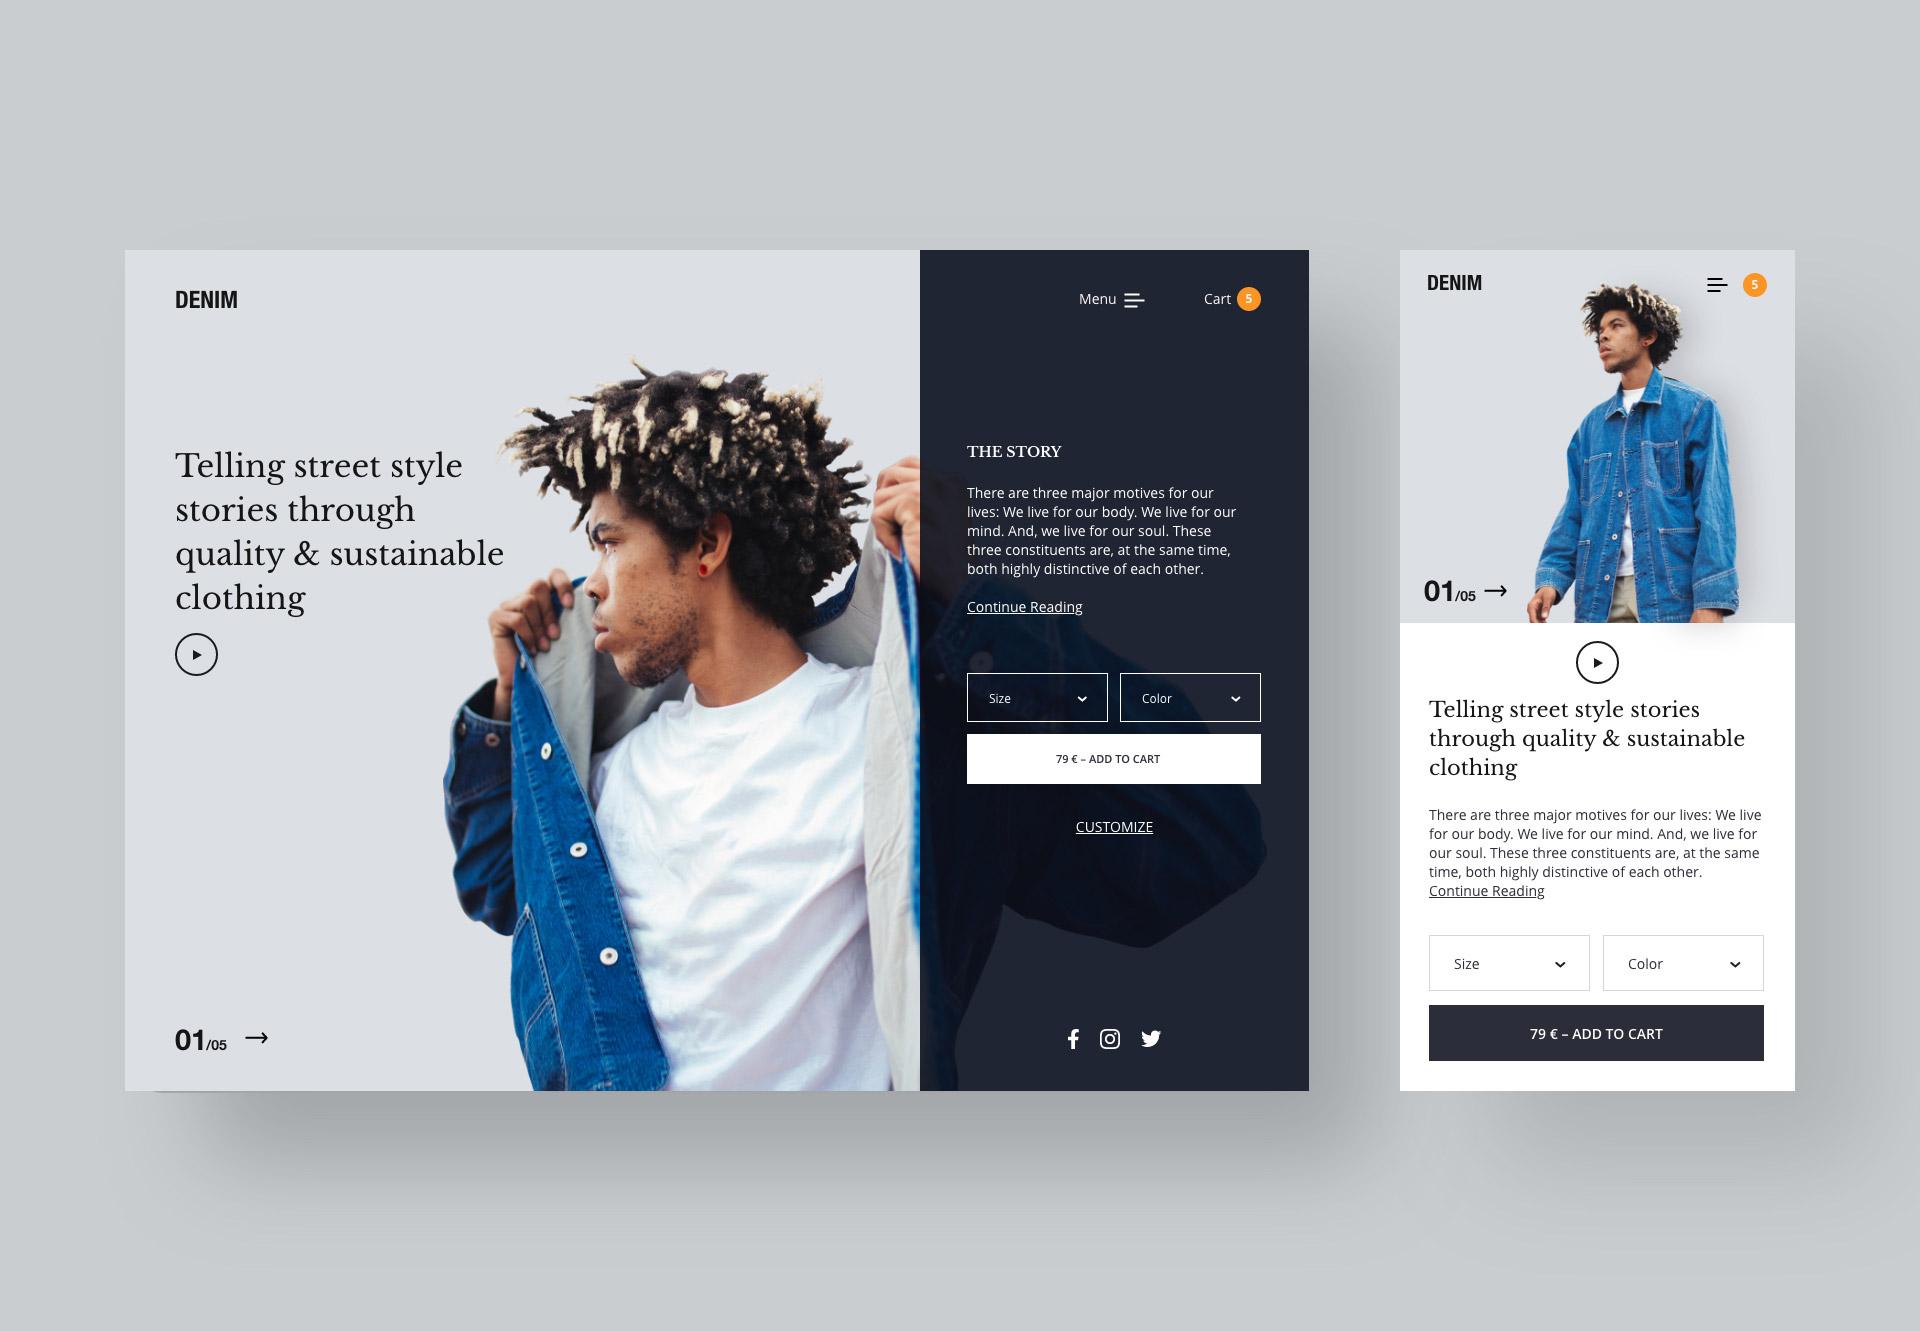 Desktop und Mobile Design mit einem jungen Mann der eine Denim Jacke trägt.